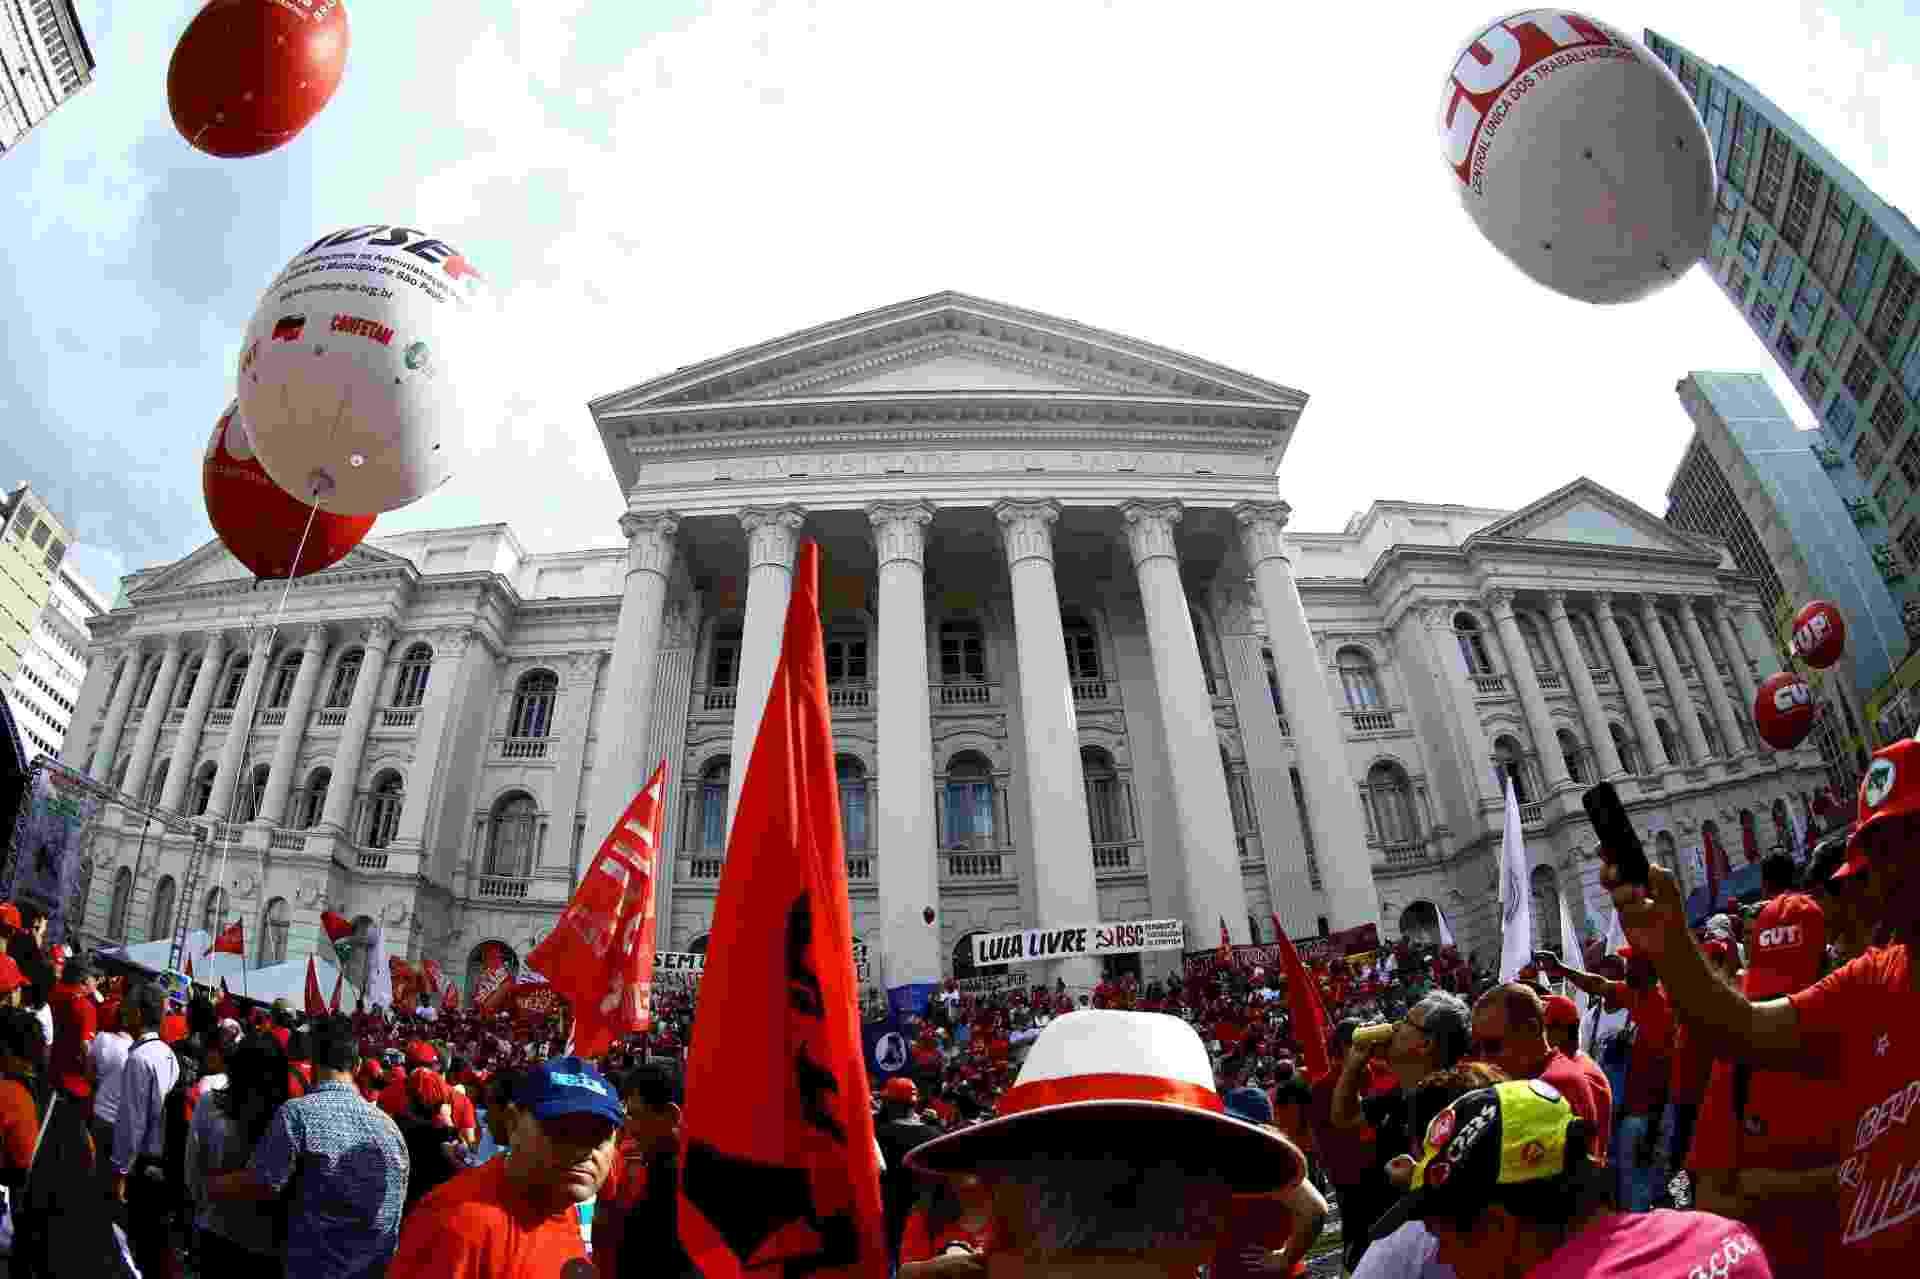 1.mai.2018 - Ato pelo Dia do Trabalhador organizado por centrais sindicais em Curitiba, onde o ex-presidente Lula está preso - Heuler Andrey/AFP